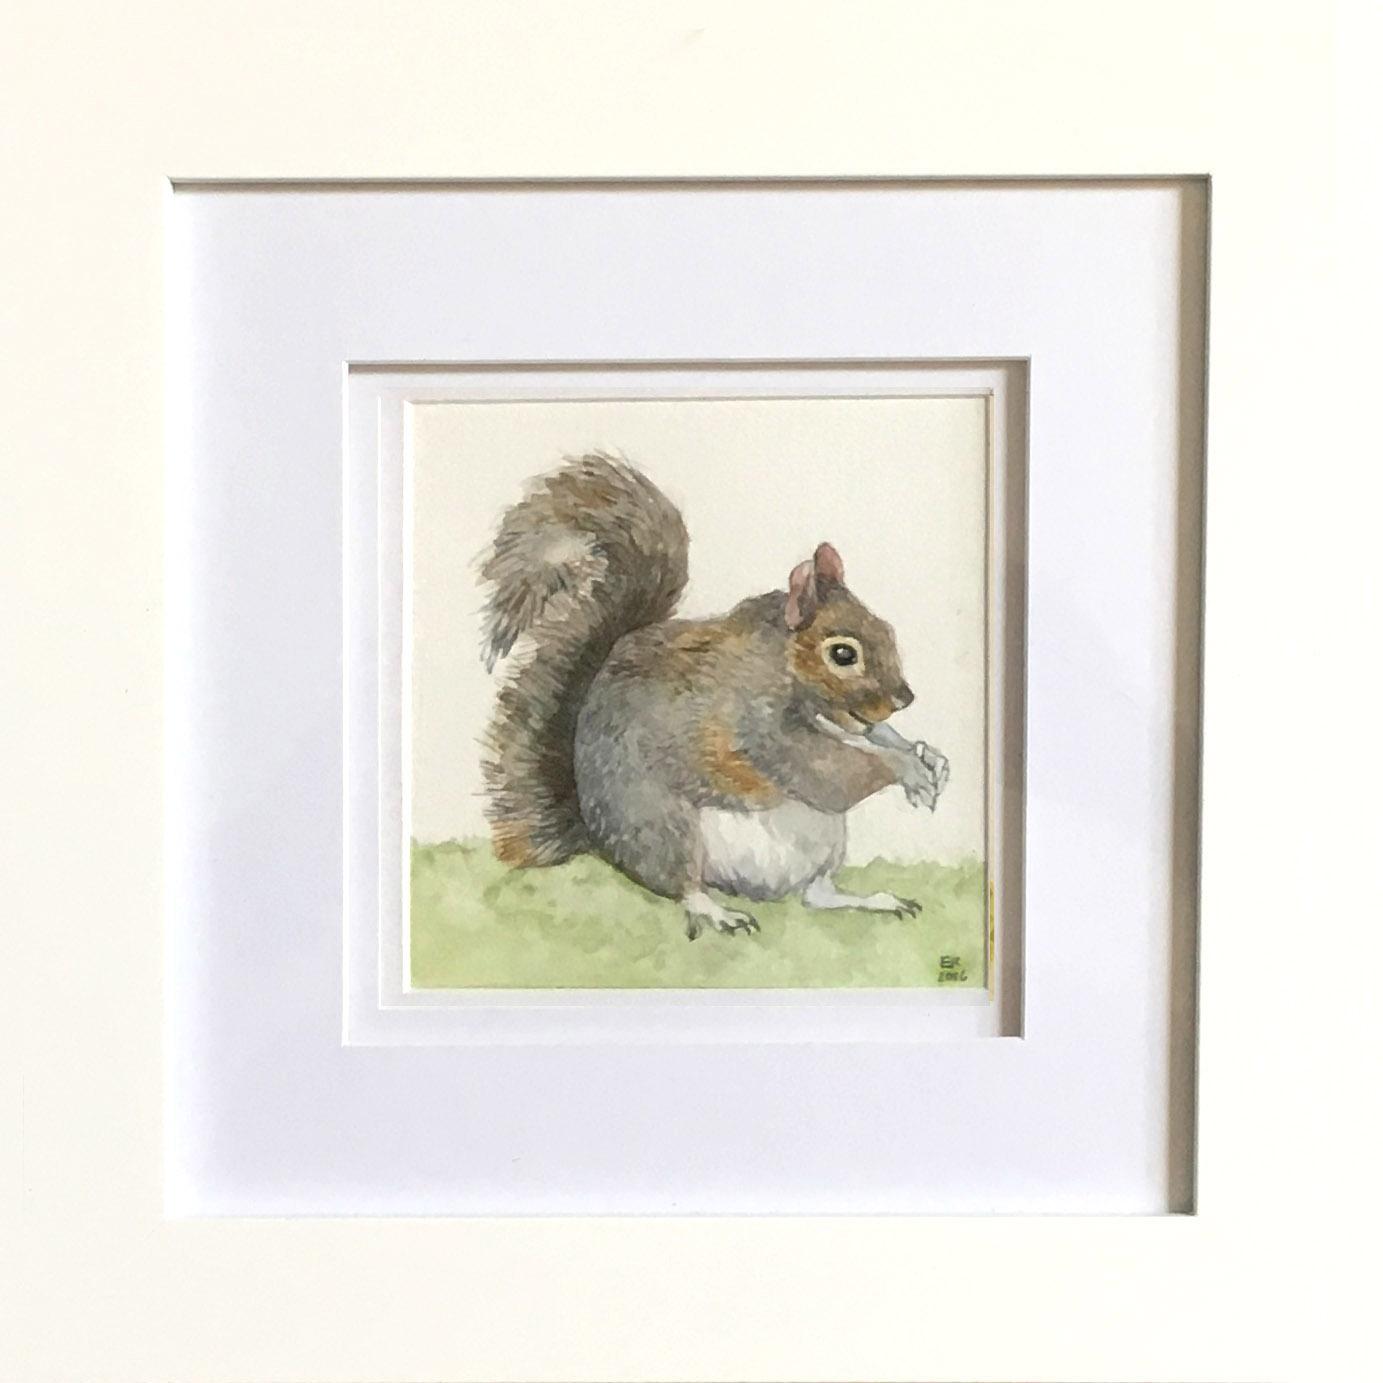 SquirrelFrame.jpg